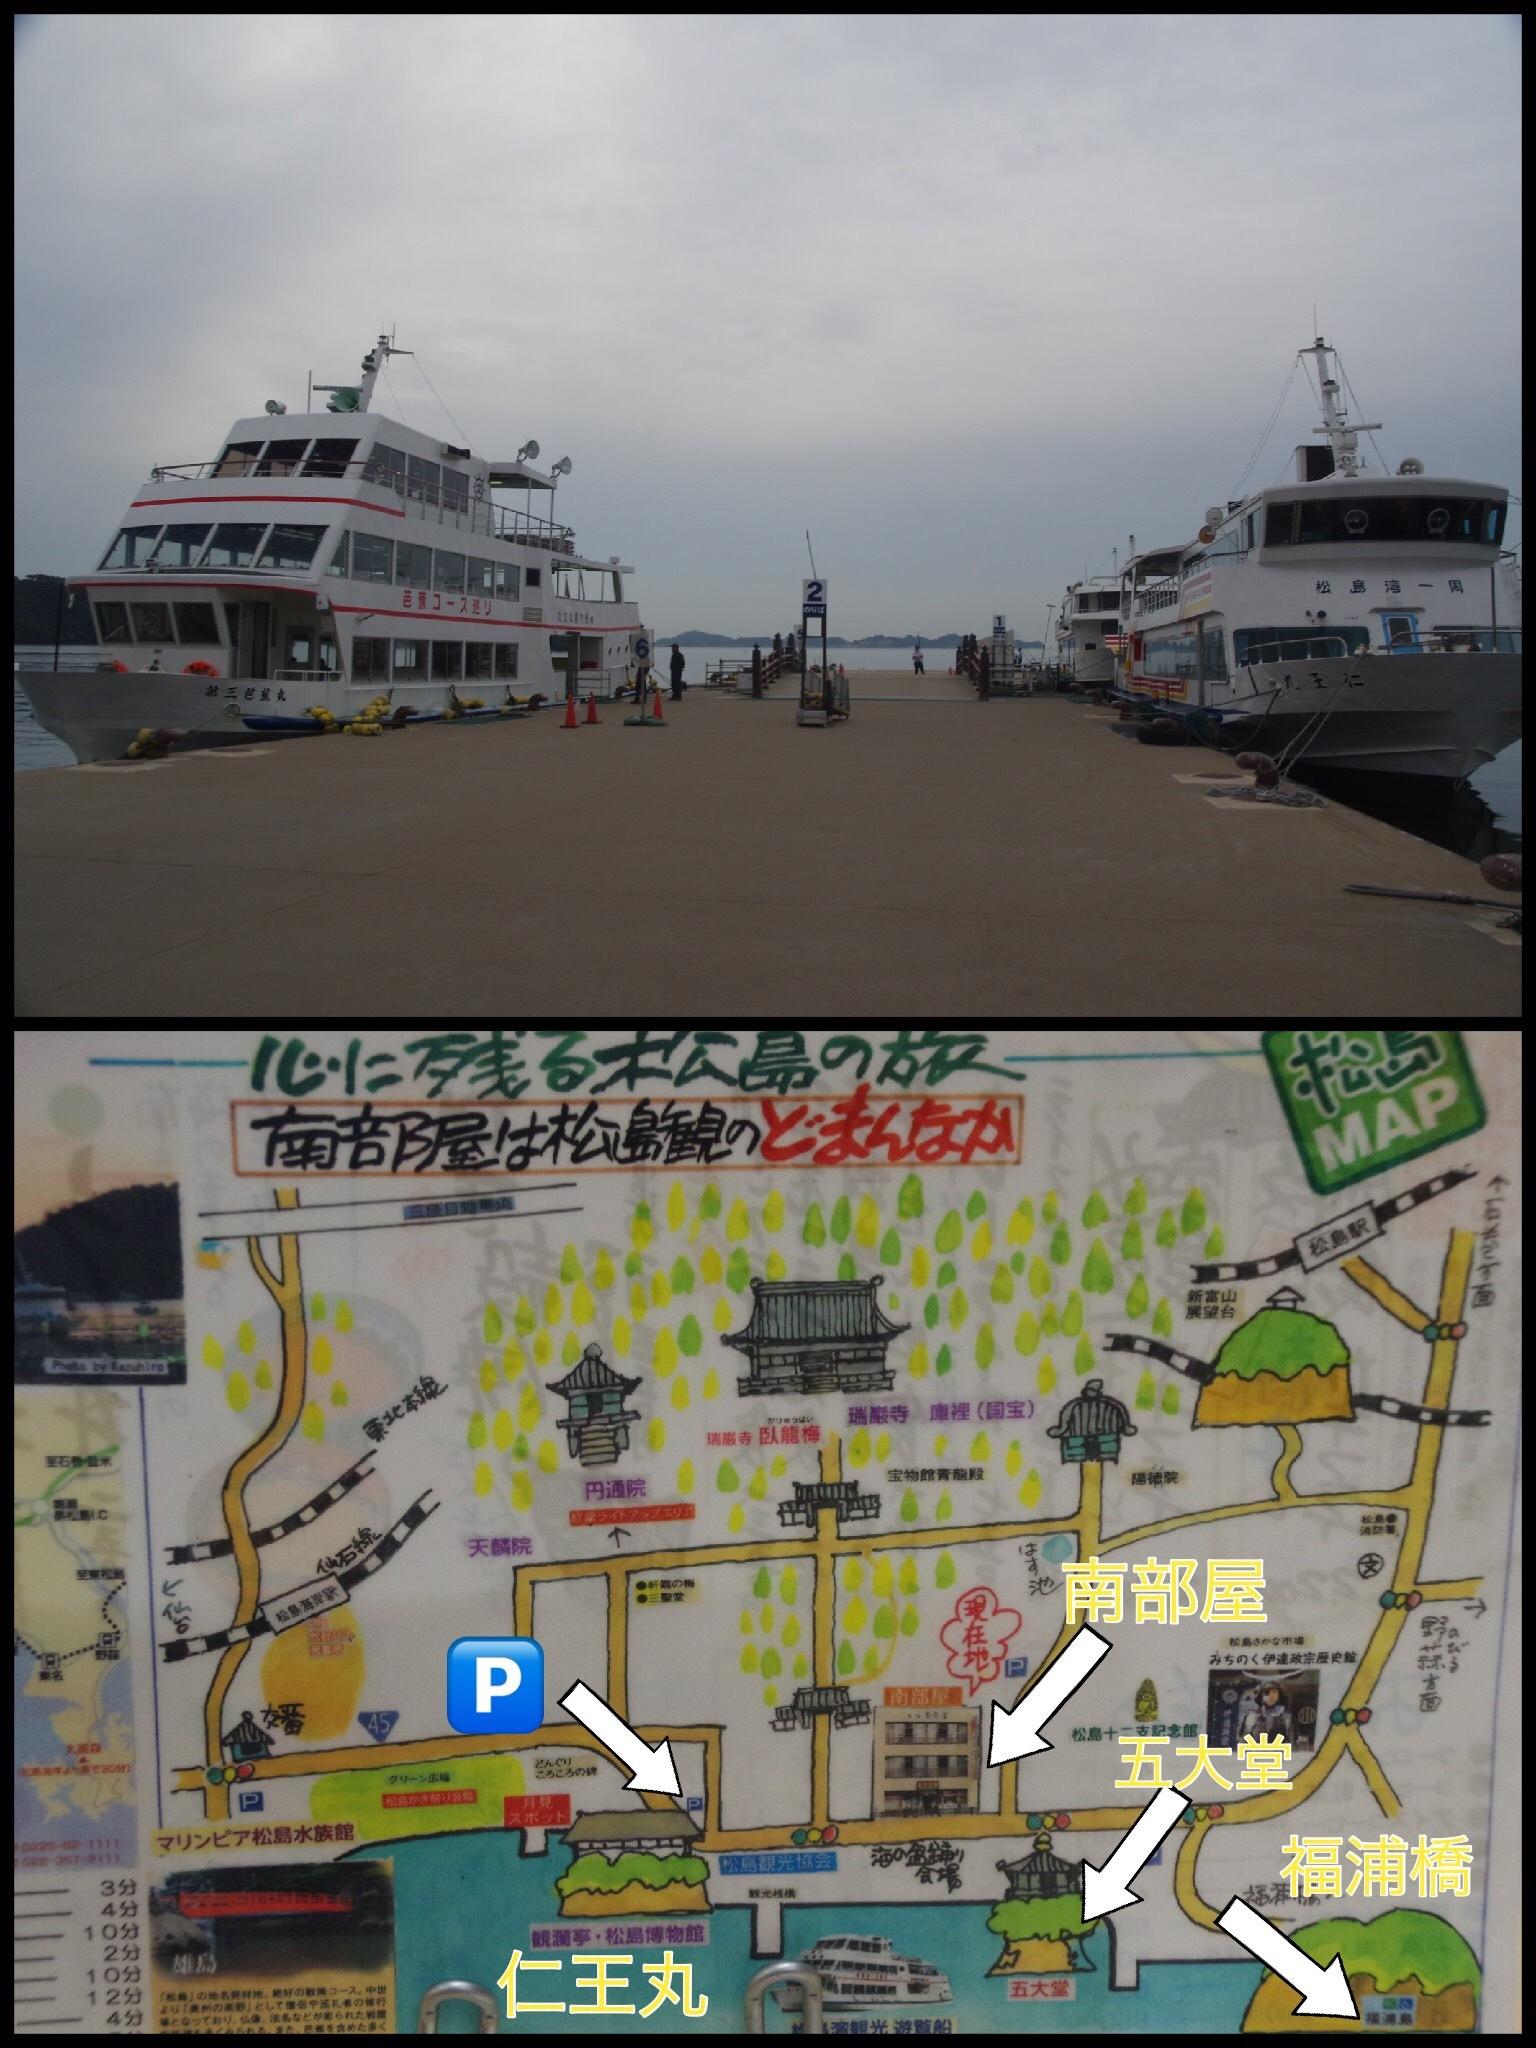 宮城 松島観光 遊覧船 仁王丸